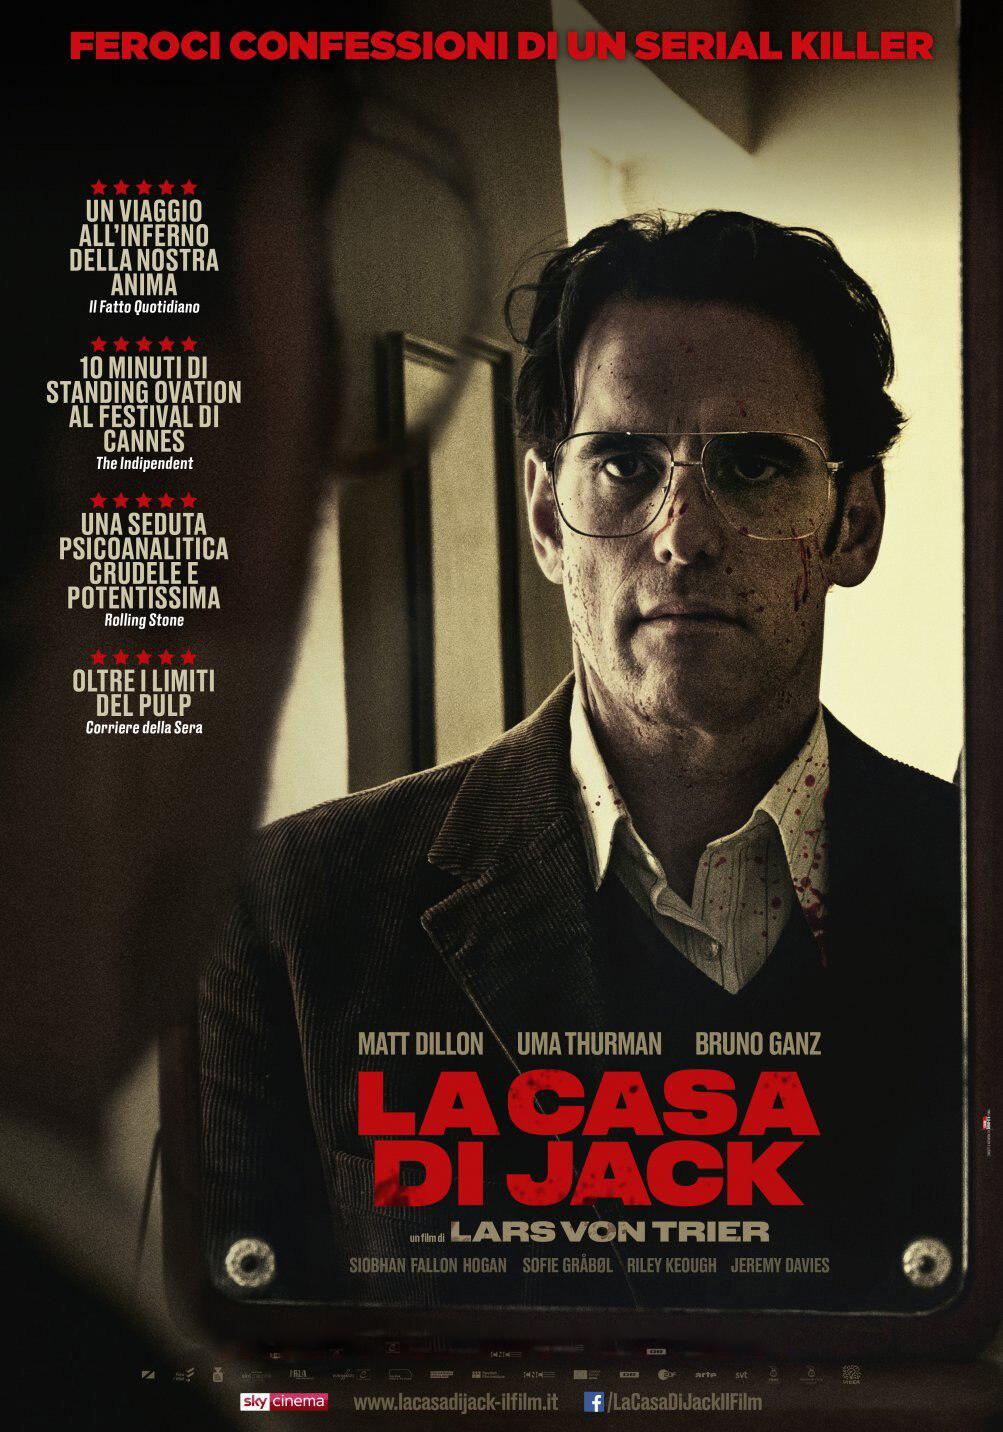 poster-film-la-casa-di-jack